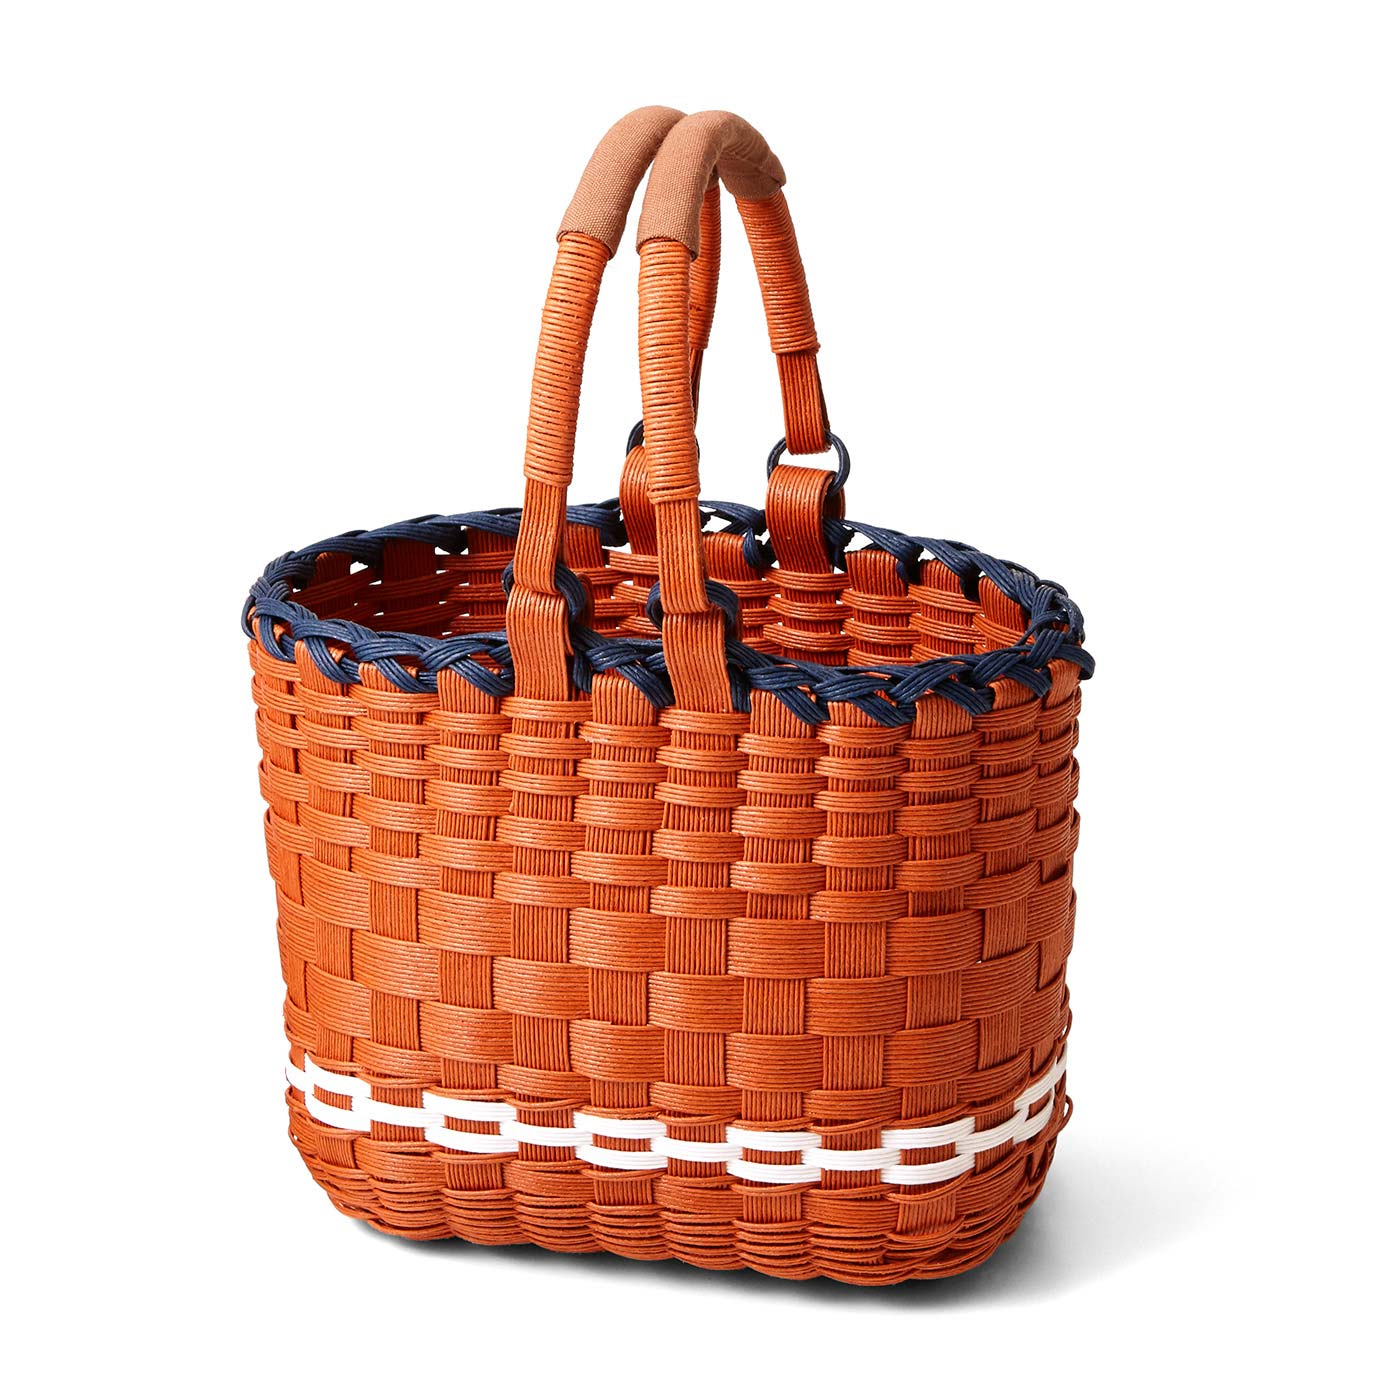 ころんとしてかわいい ピクニックバッグ 縦約18cm,横約21cm、まち幅約13cm